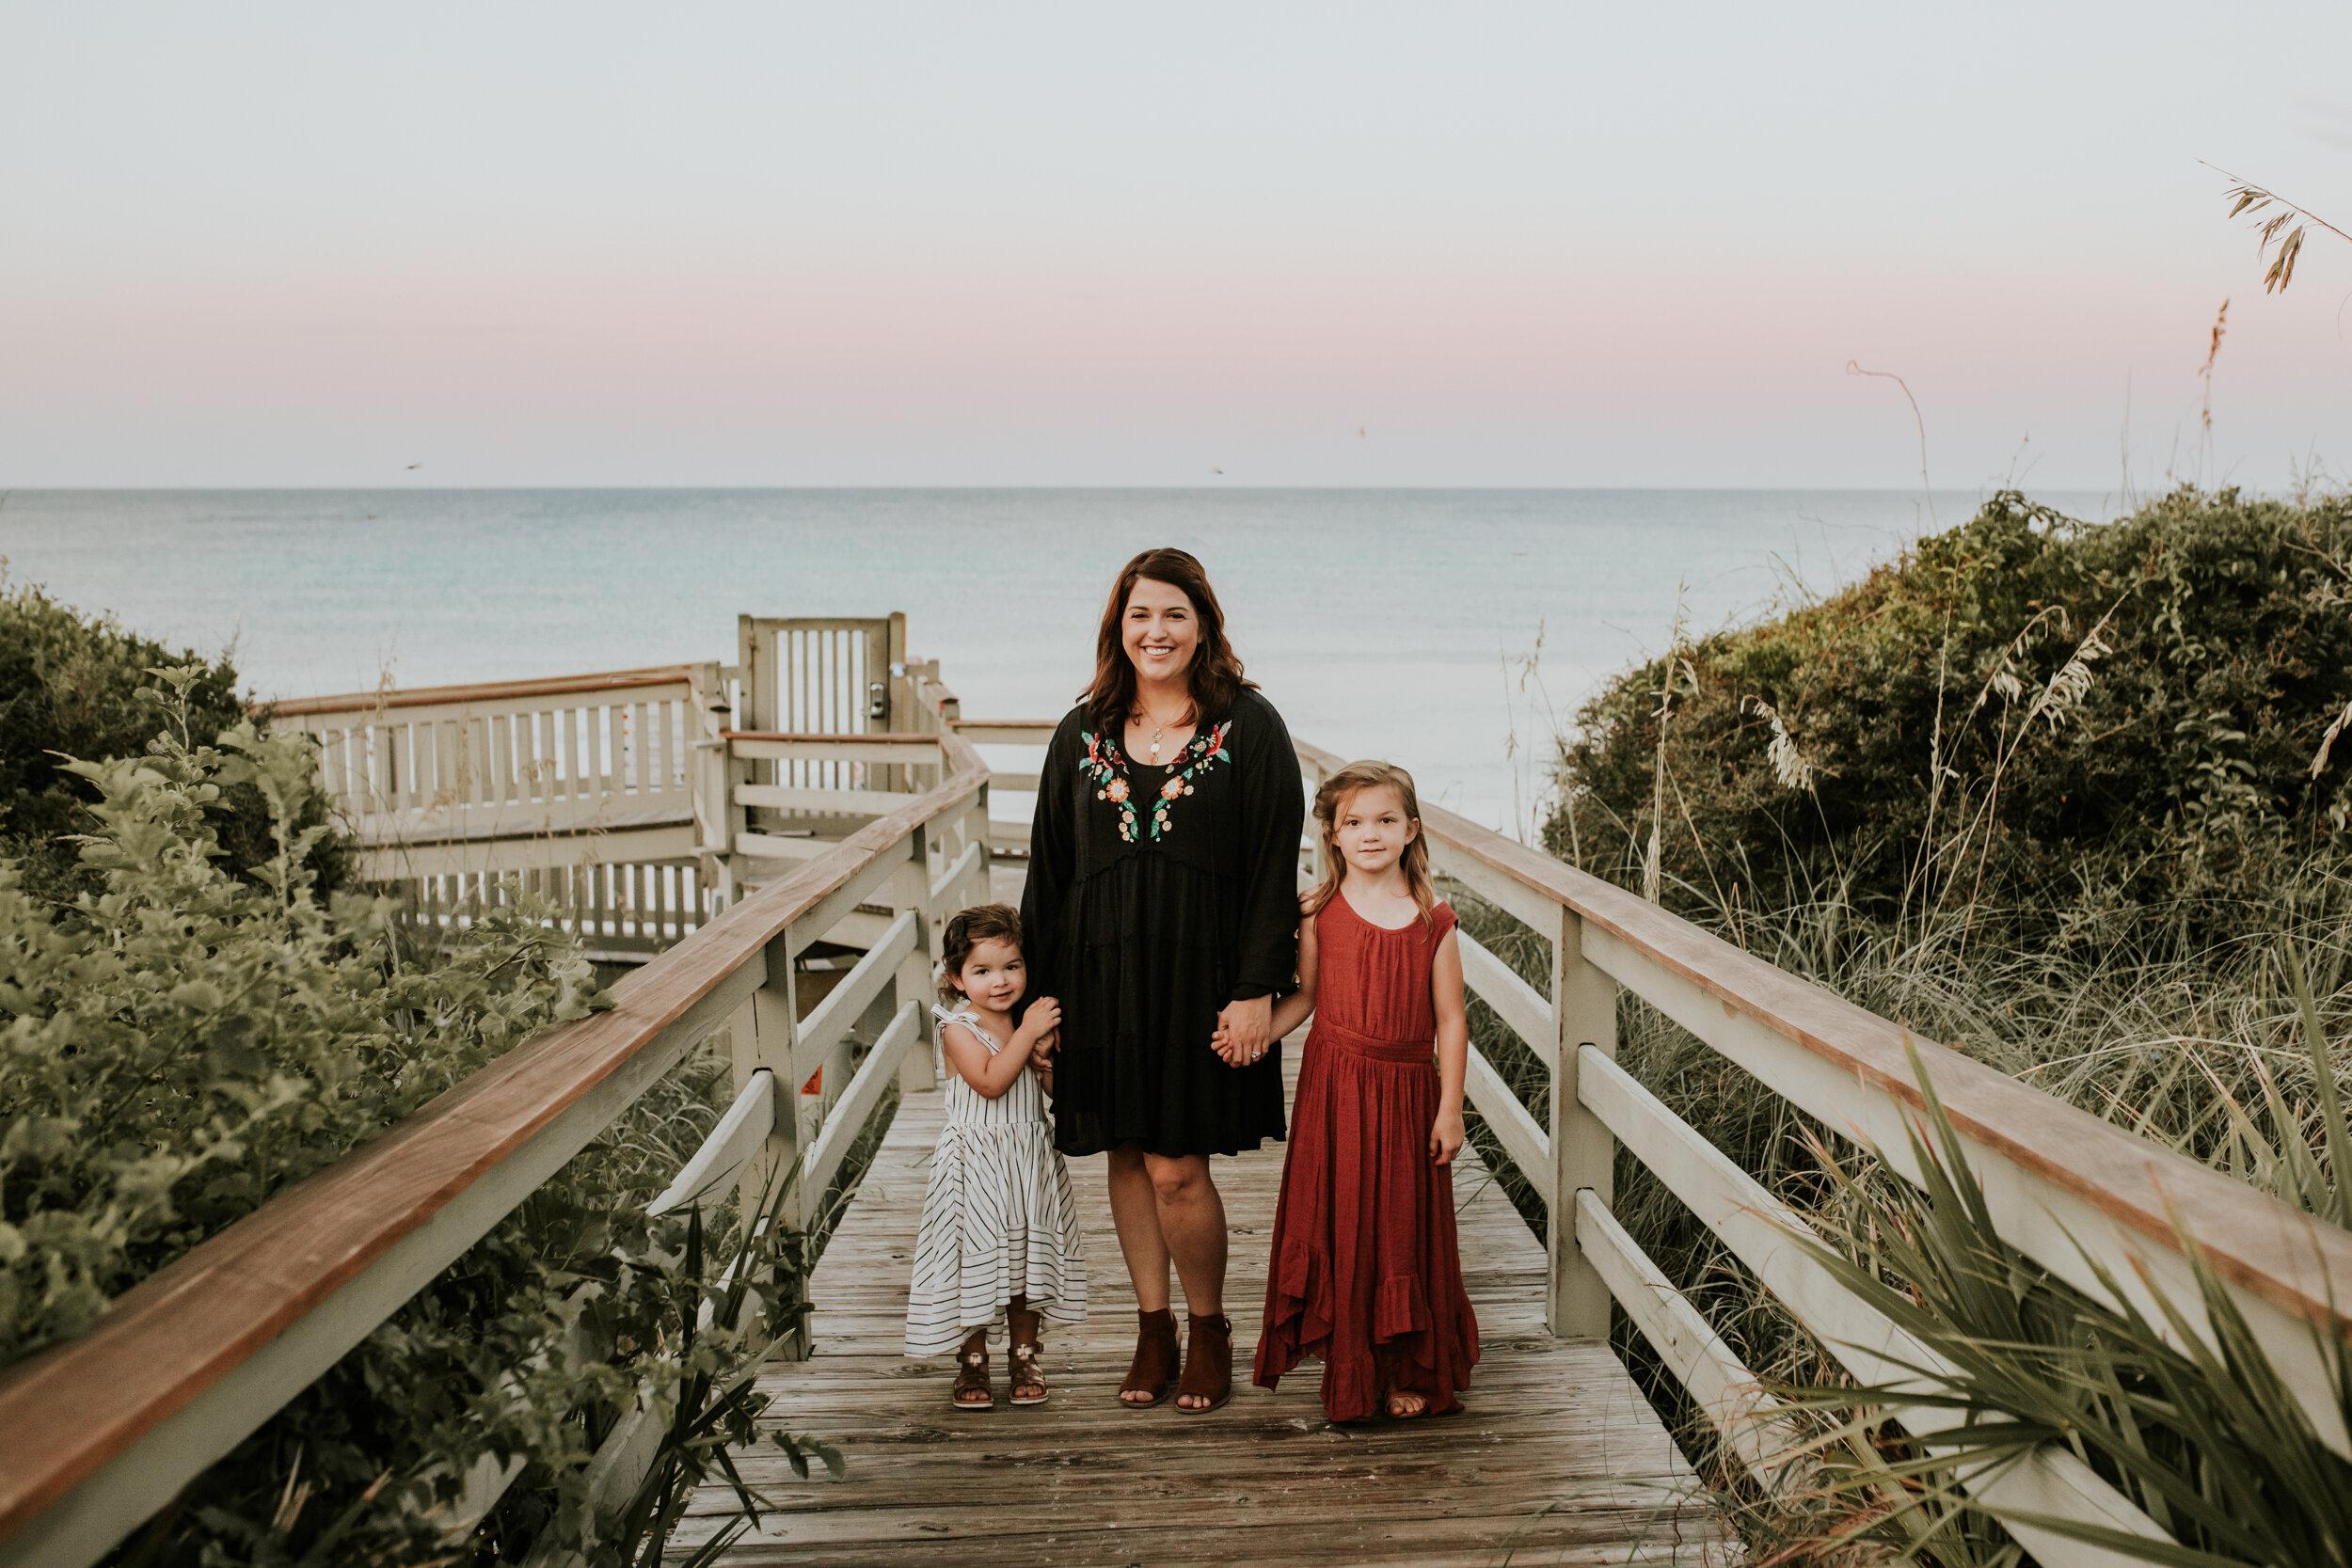 30a_Destin_Rosemary_Beach_Florida_Family_Photographer_Beach_Session-1.jpg